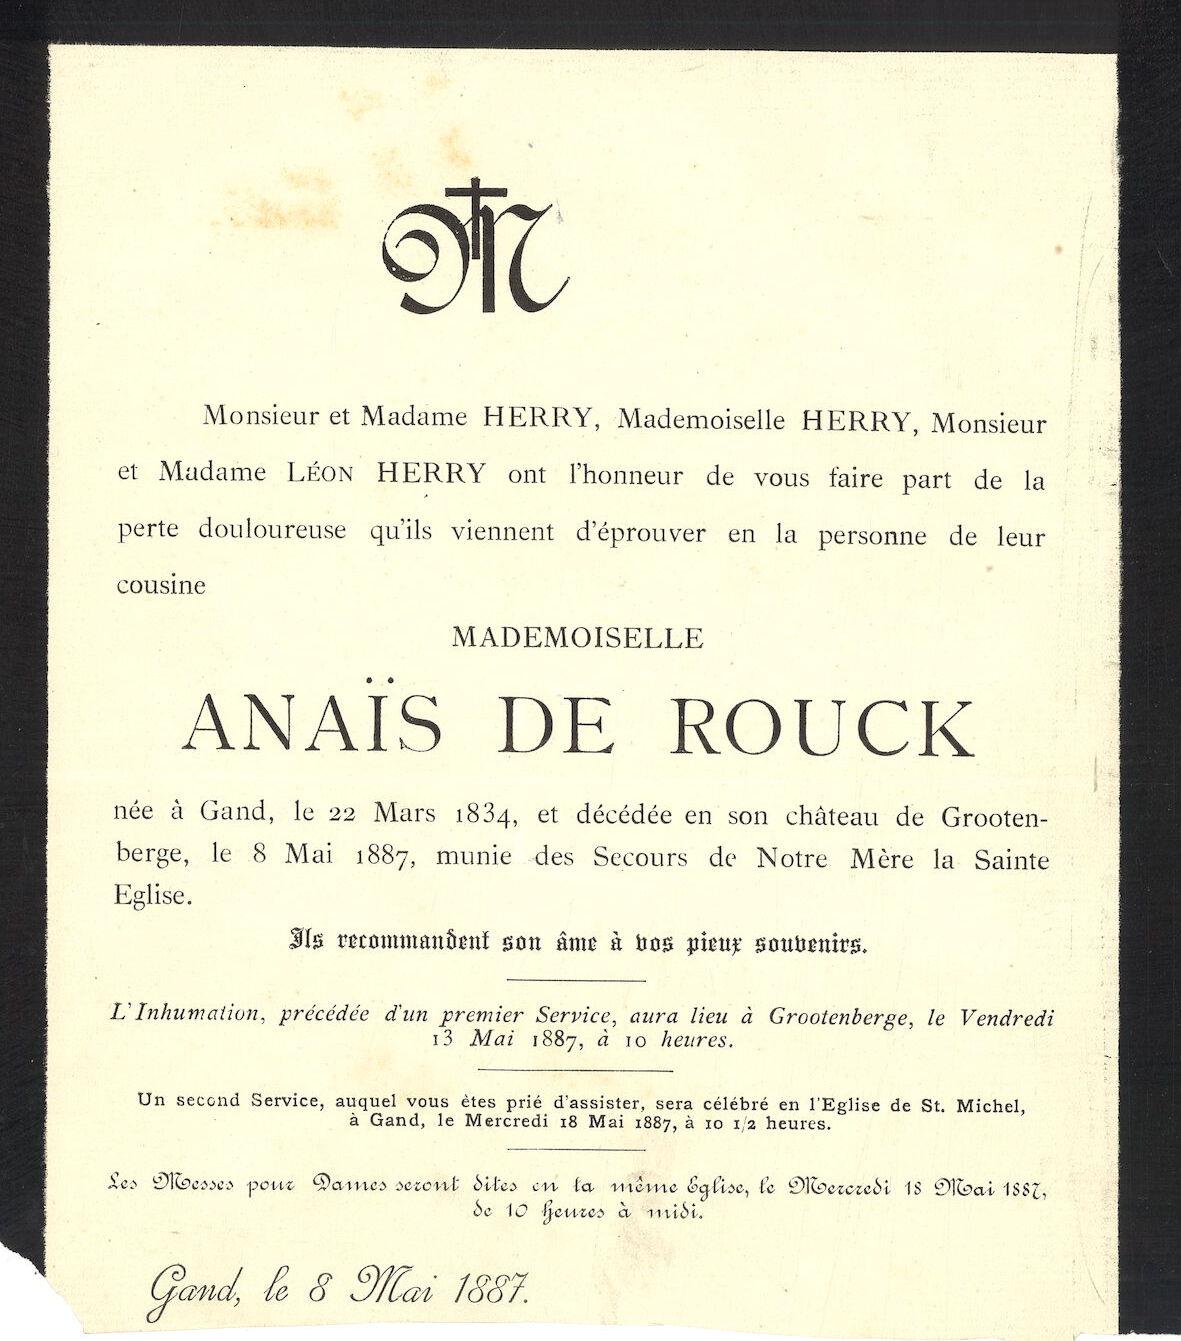 Anaïs De Rouck